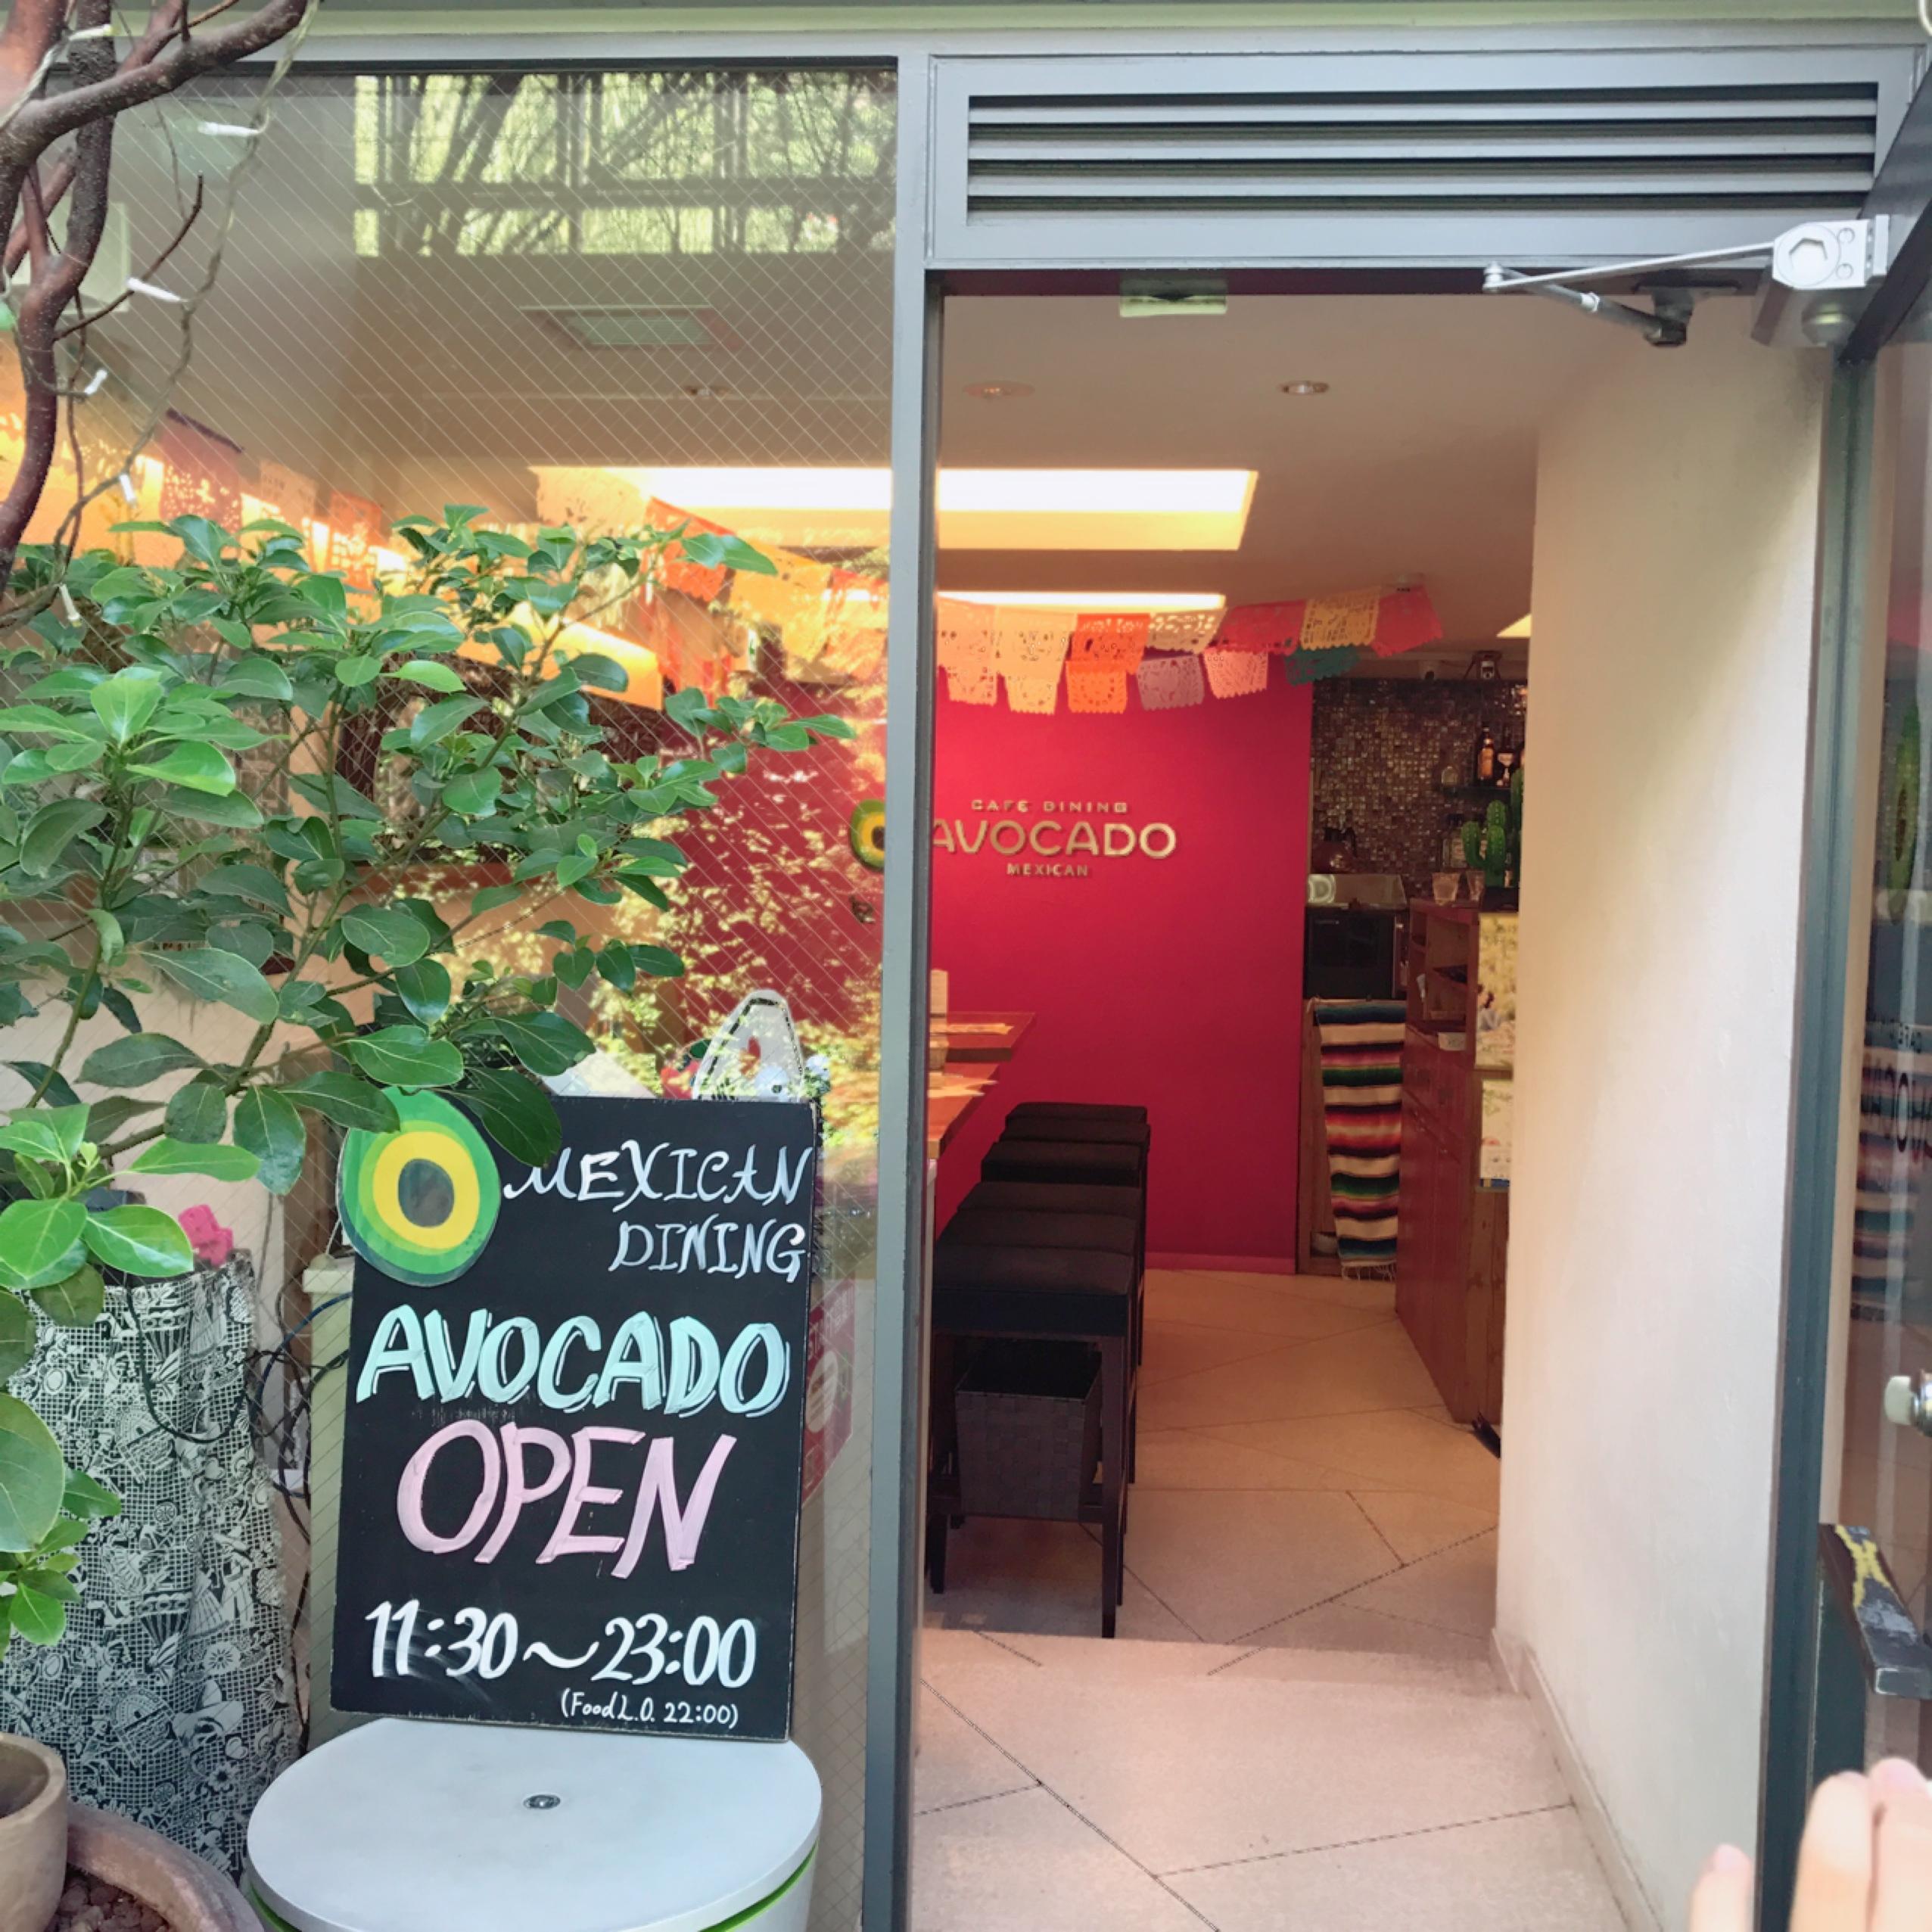 【女子にはたまらない!!】アボカド料理のお店  Mexican dinning AVOKADO に行ってきました♪♪_1_1